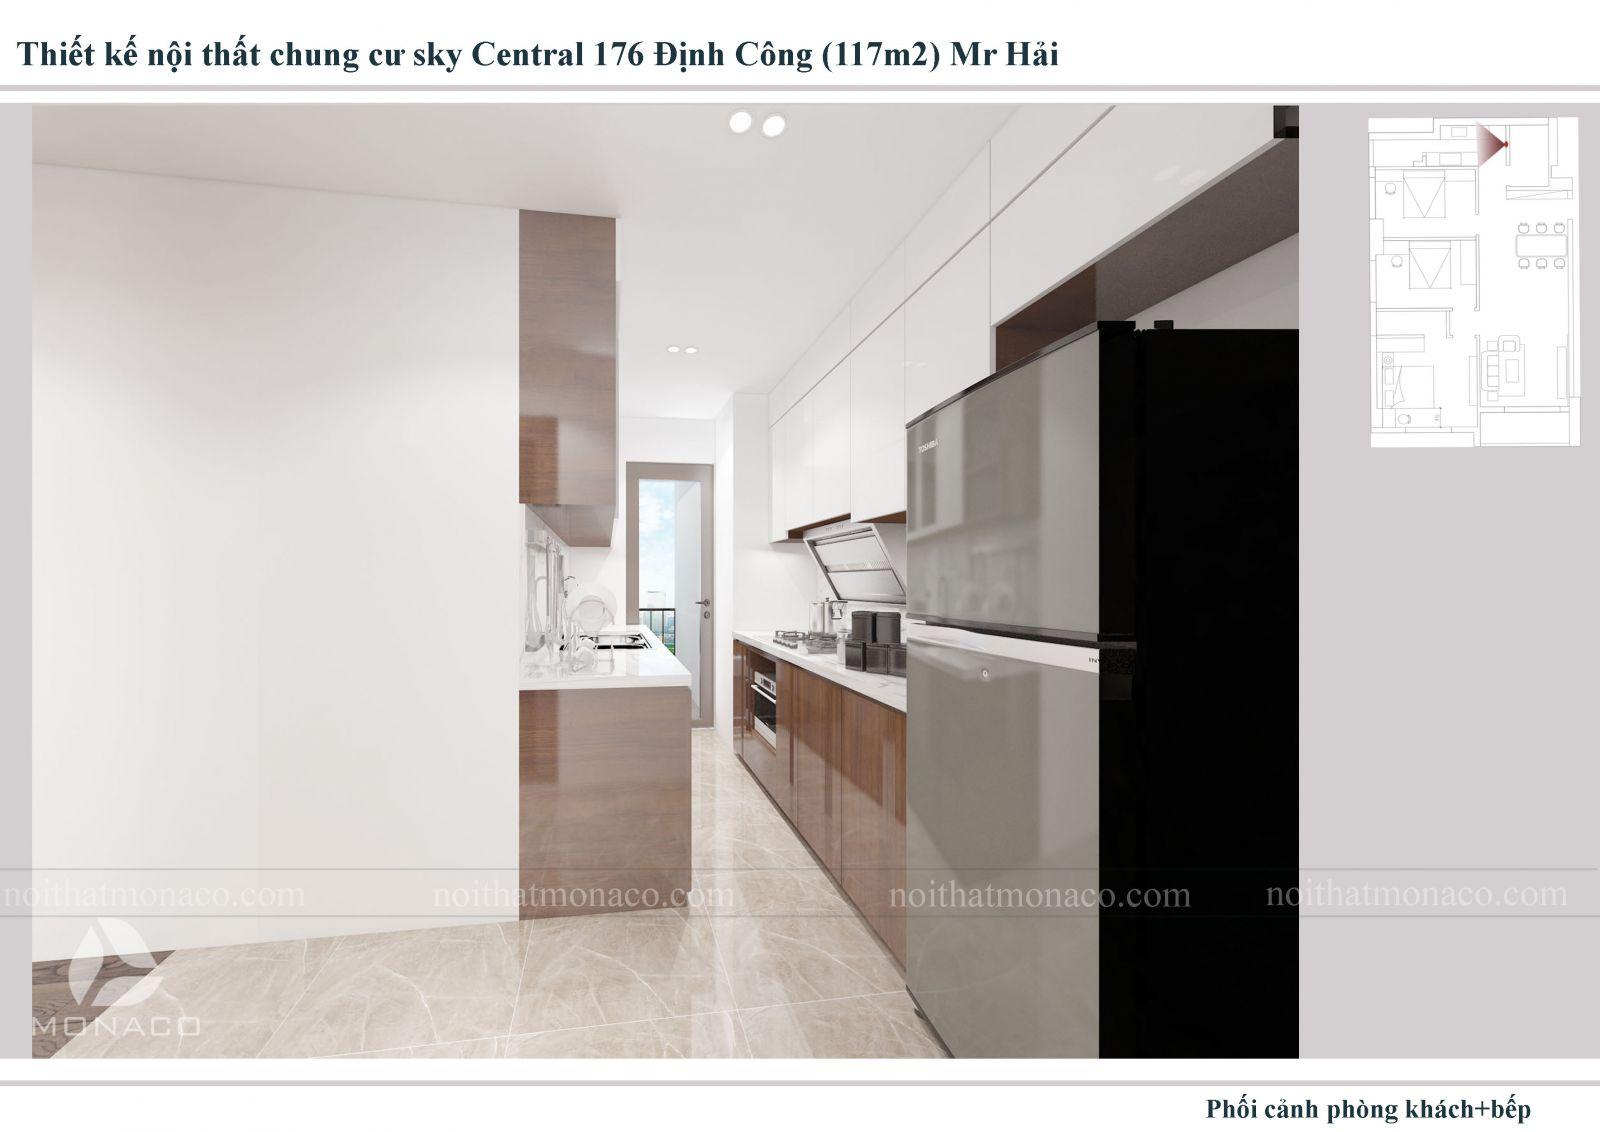 Thiết kế nội thất khu rửa phòng ăn chung cu sky central